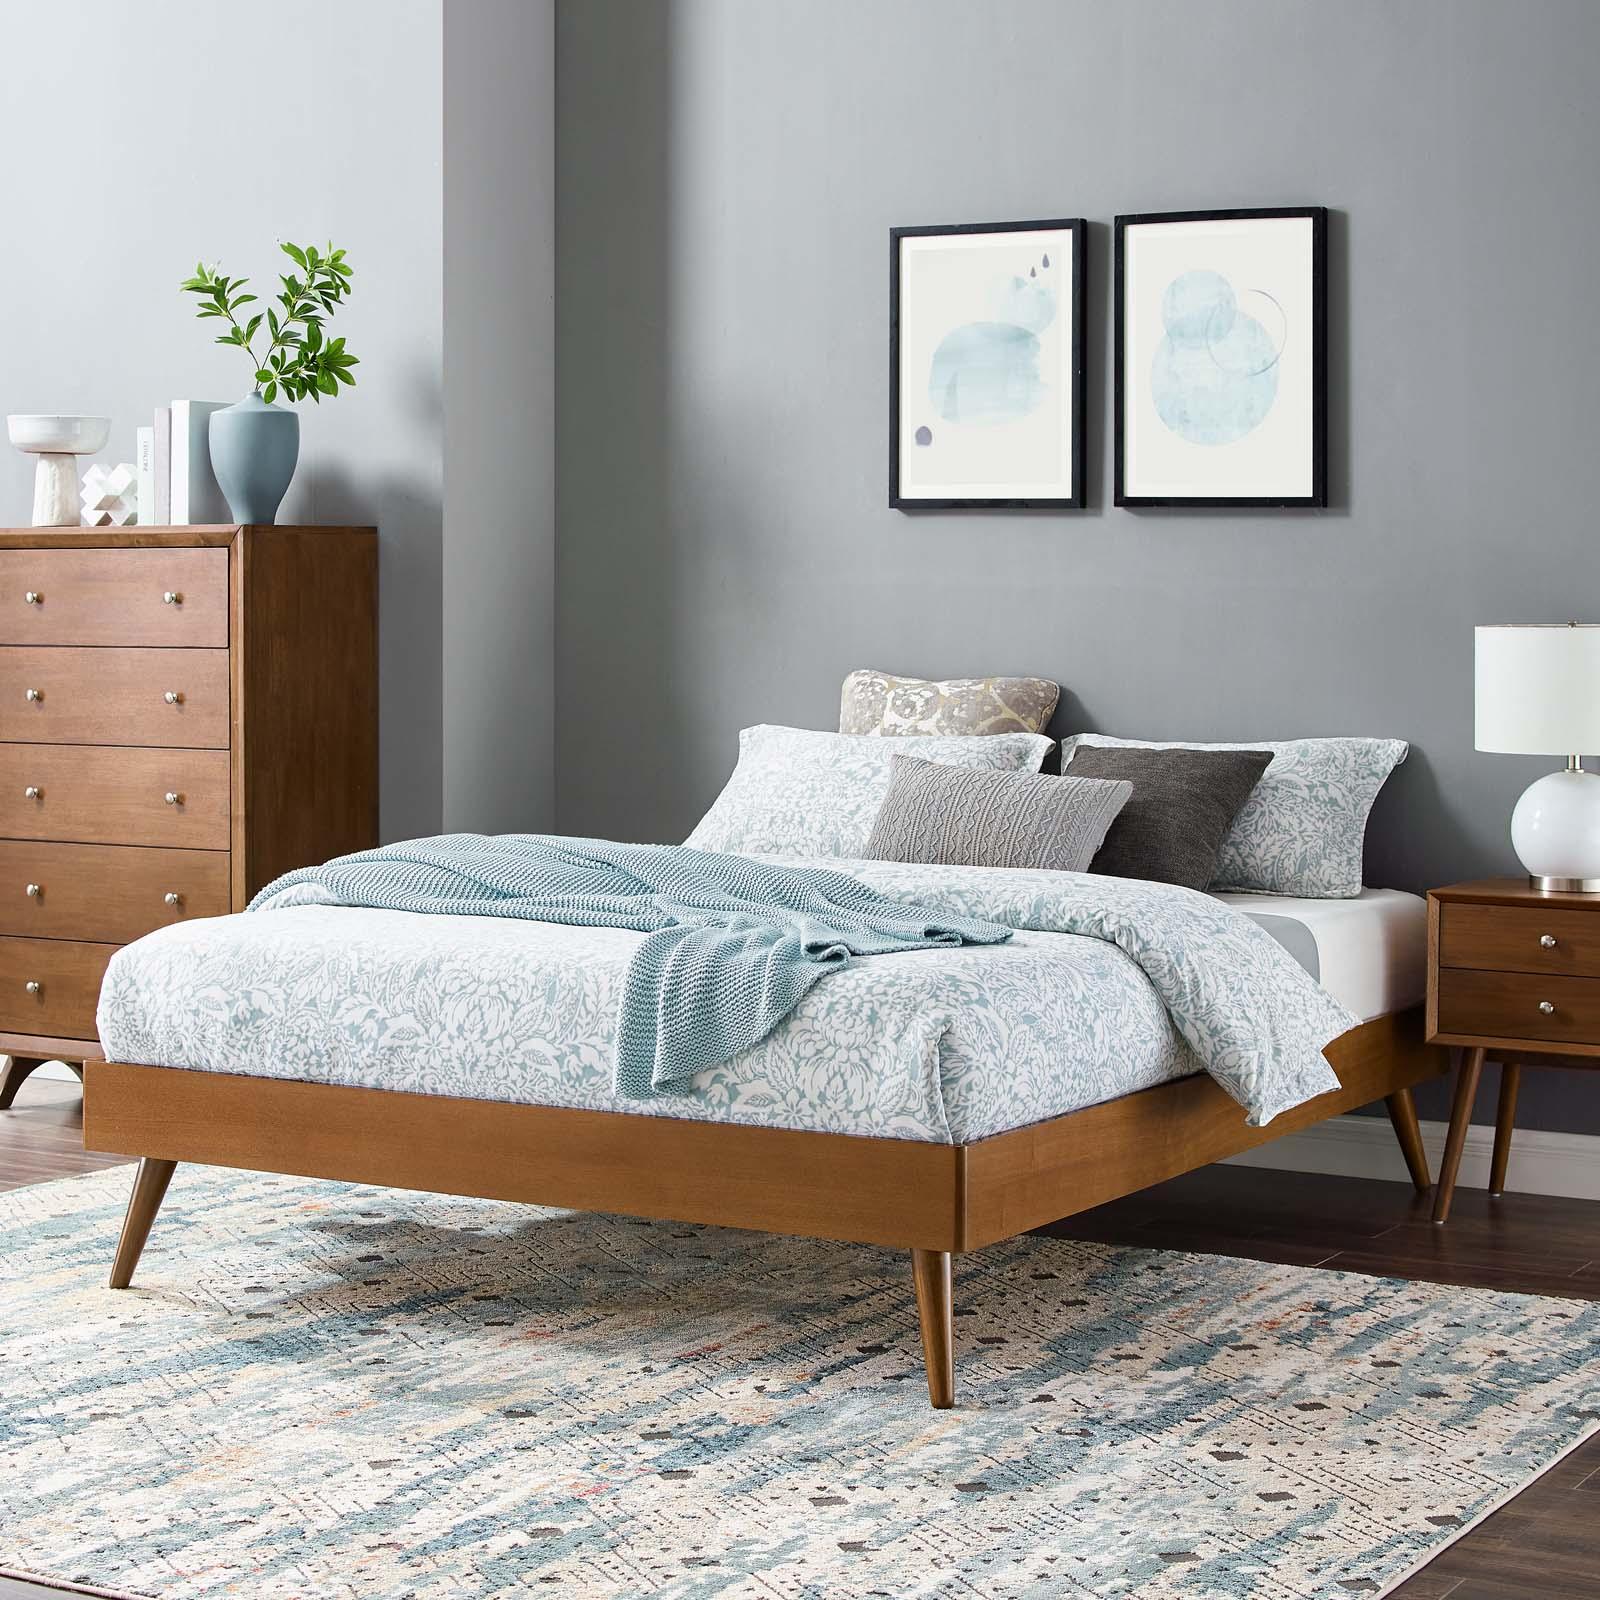 Margo Queen Wood Platform Bed Frame Walnut